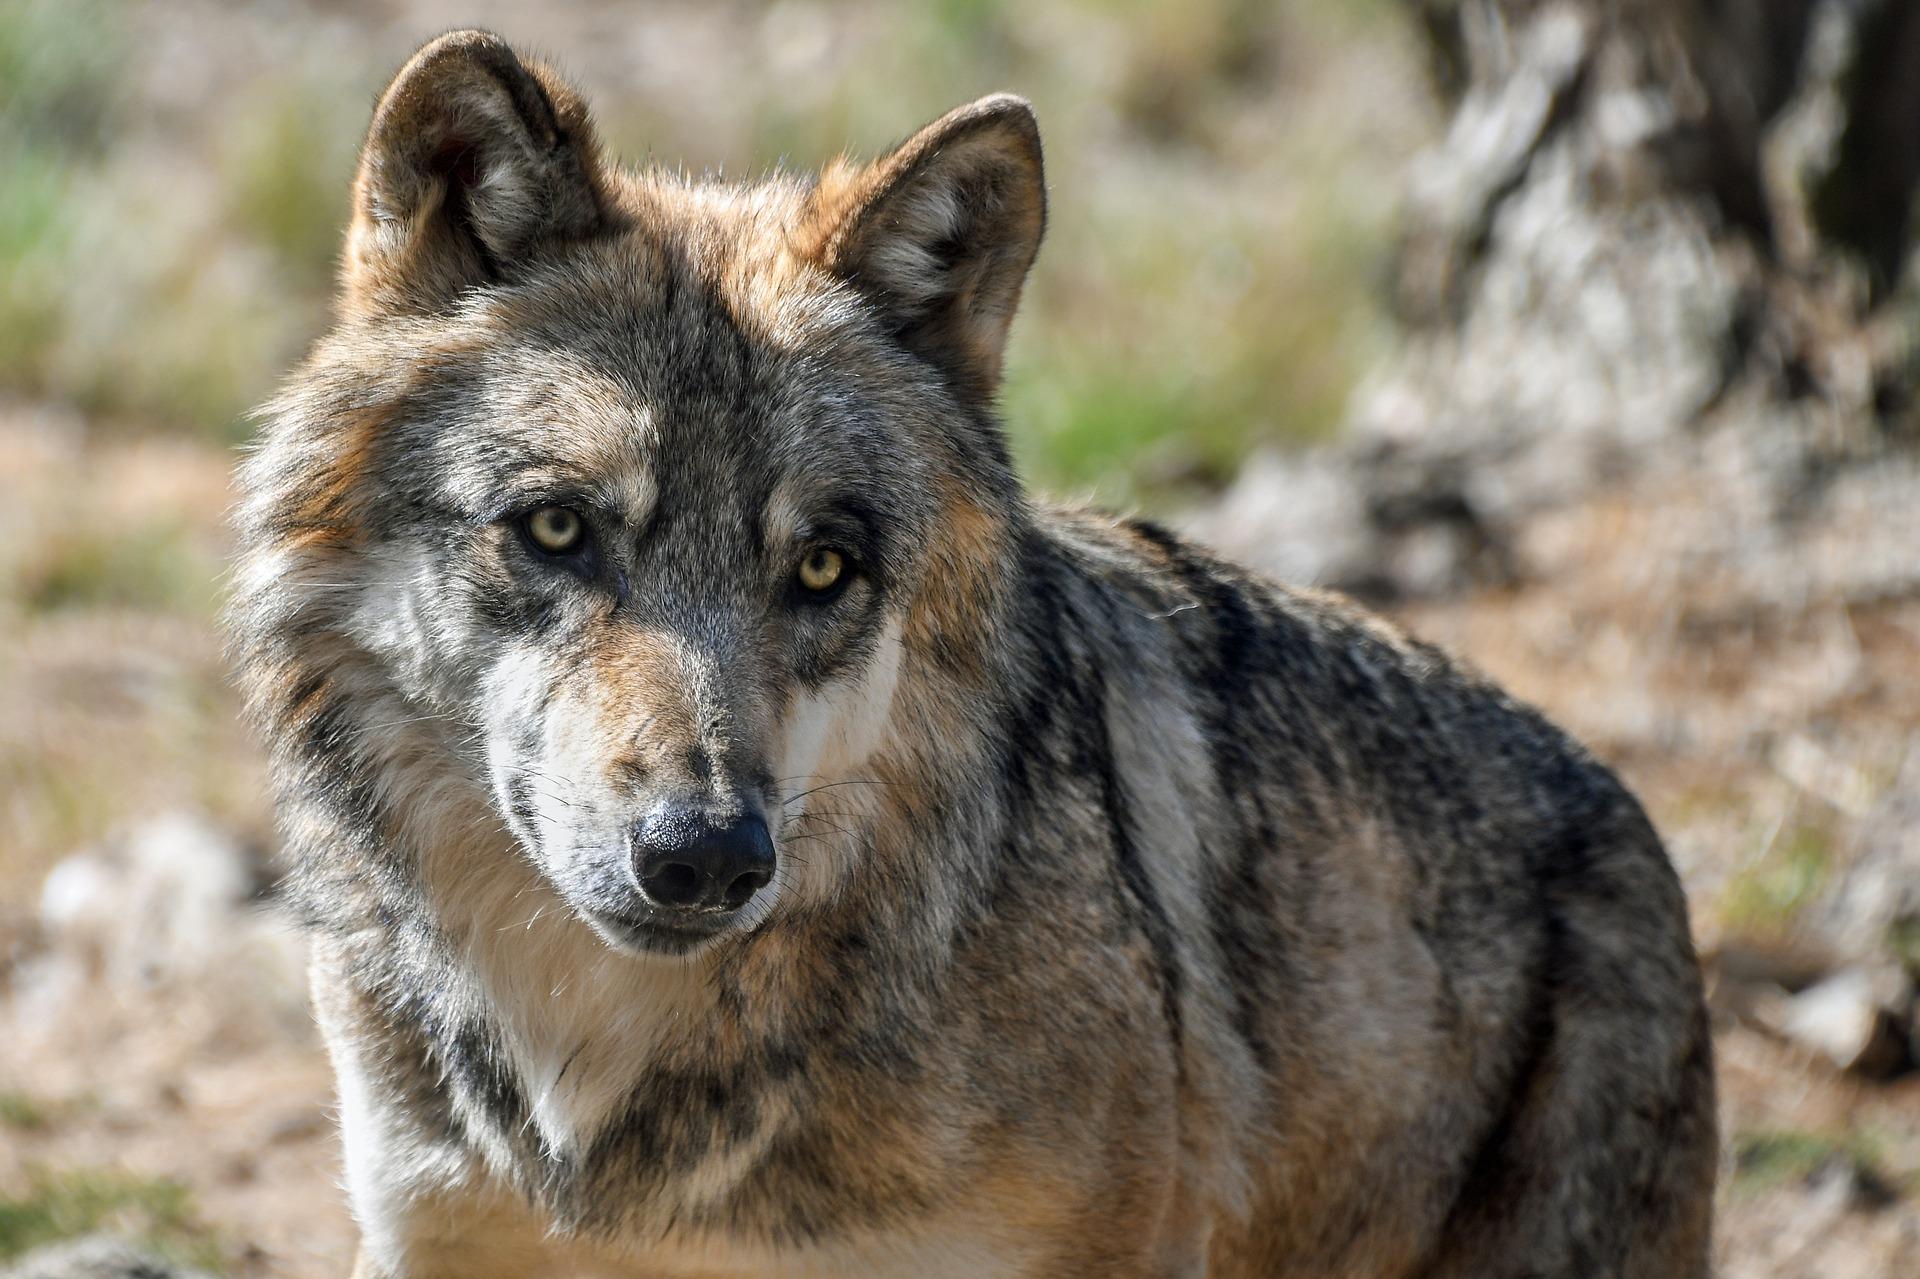 Faszinierend und streitbar - Wild lebende Wölfe, die Westeuropa zurückerobern (Bild von Christel SAGNIEZ auf Pixabay)